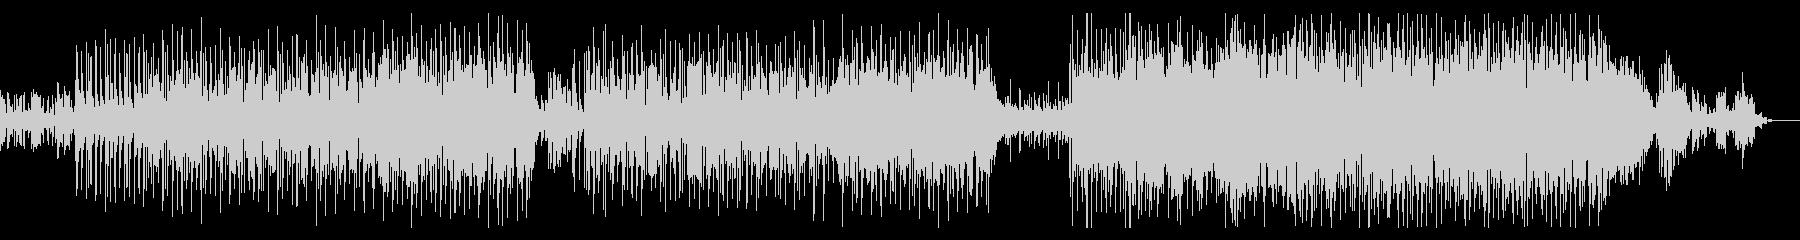 ピアノが軽快な優しいバラードの未再生の波形